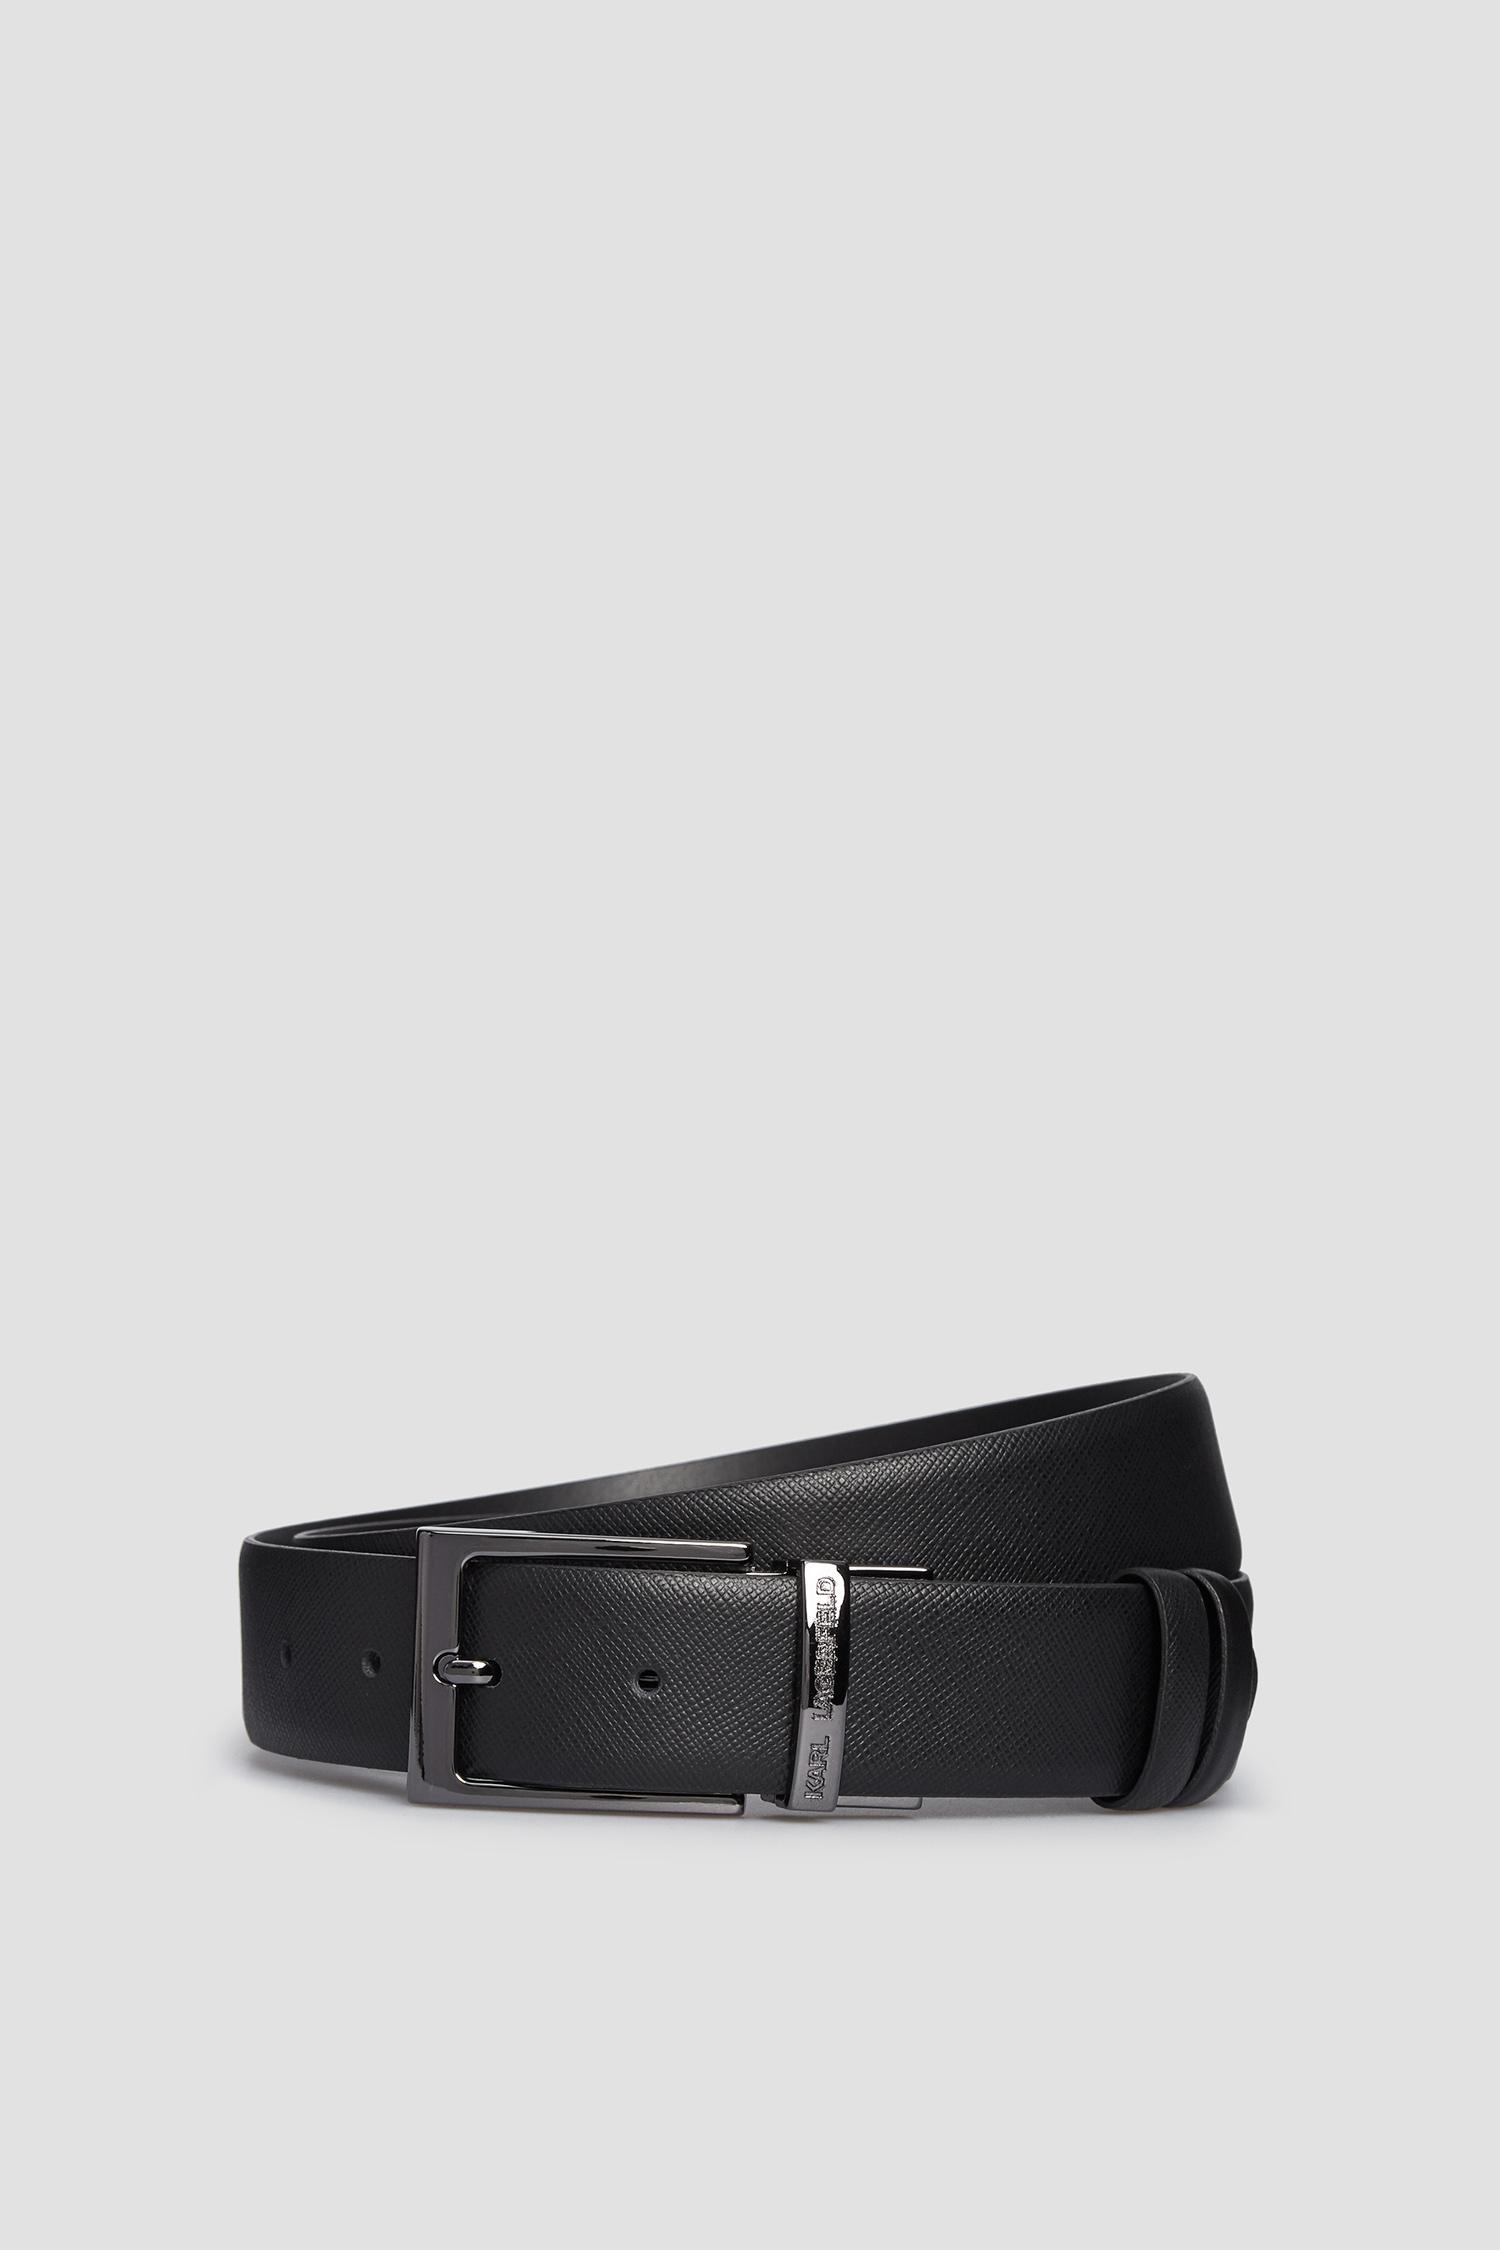 Мужской черный кожаный двухсторонний ремень Karl Lagerfeld 502453.815300;990